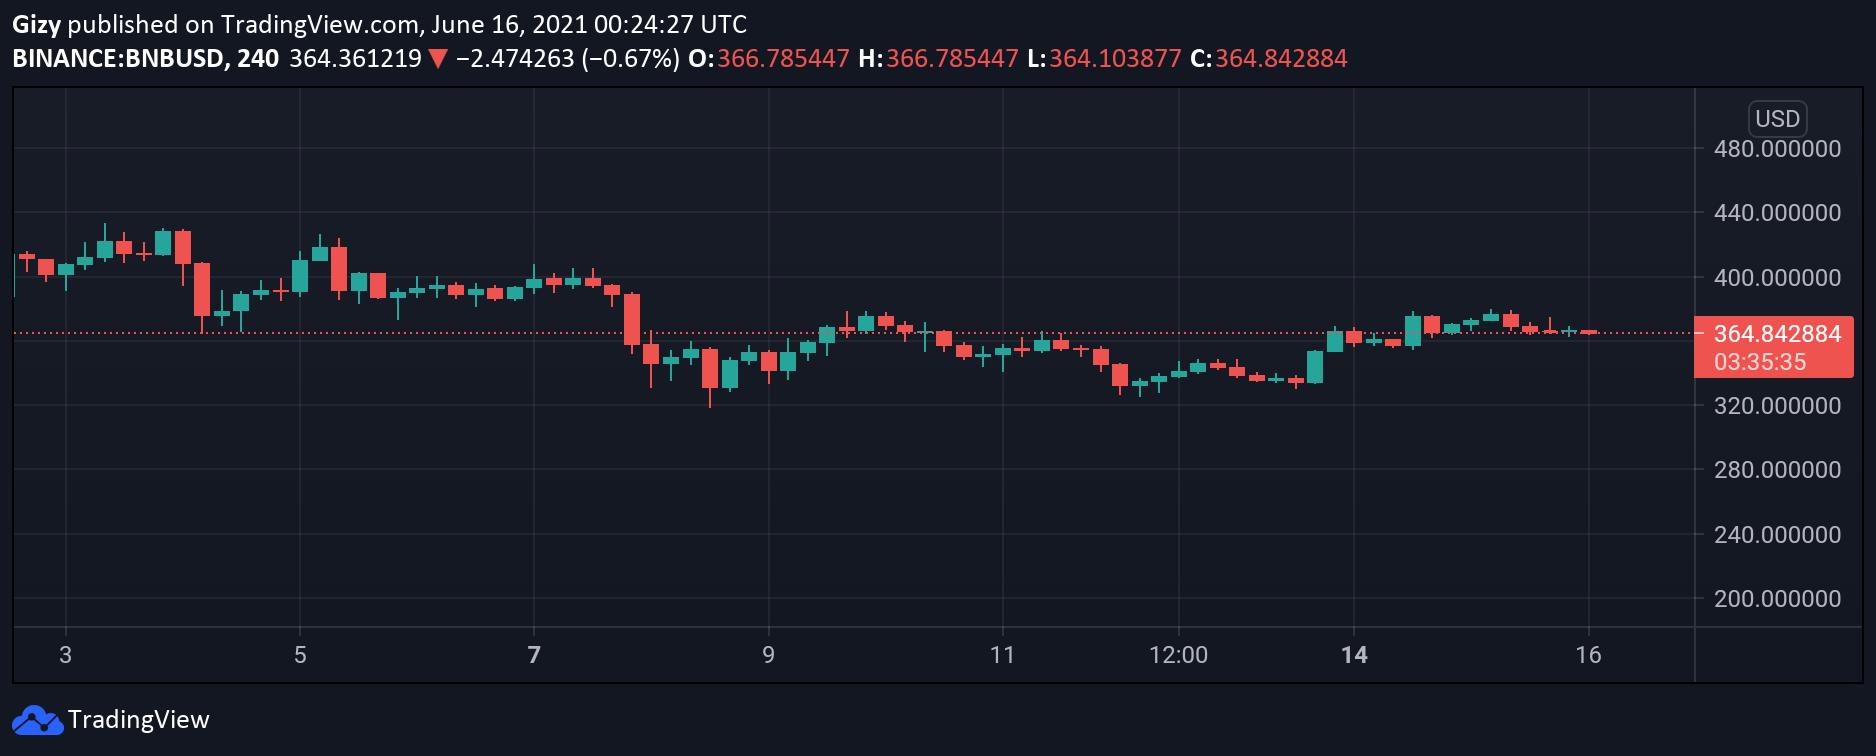 نمودار تحلیل قیمت بایننس کوین